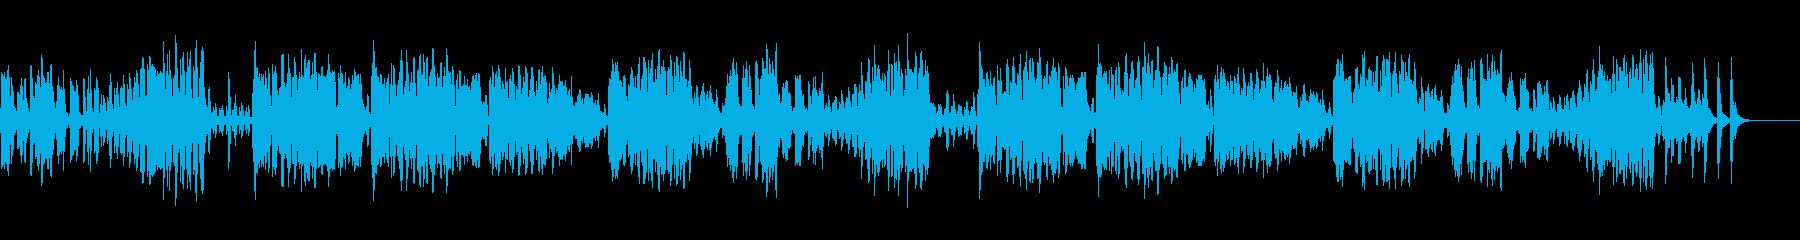 イタリアの大衆歌謡曲 フニクリ フニクラの再生済みの波形